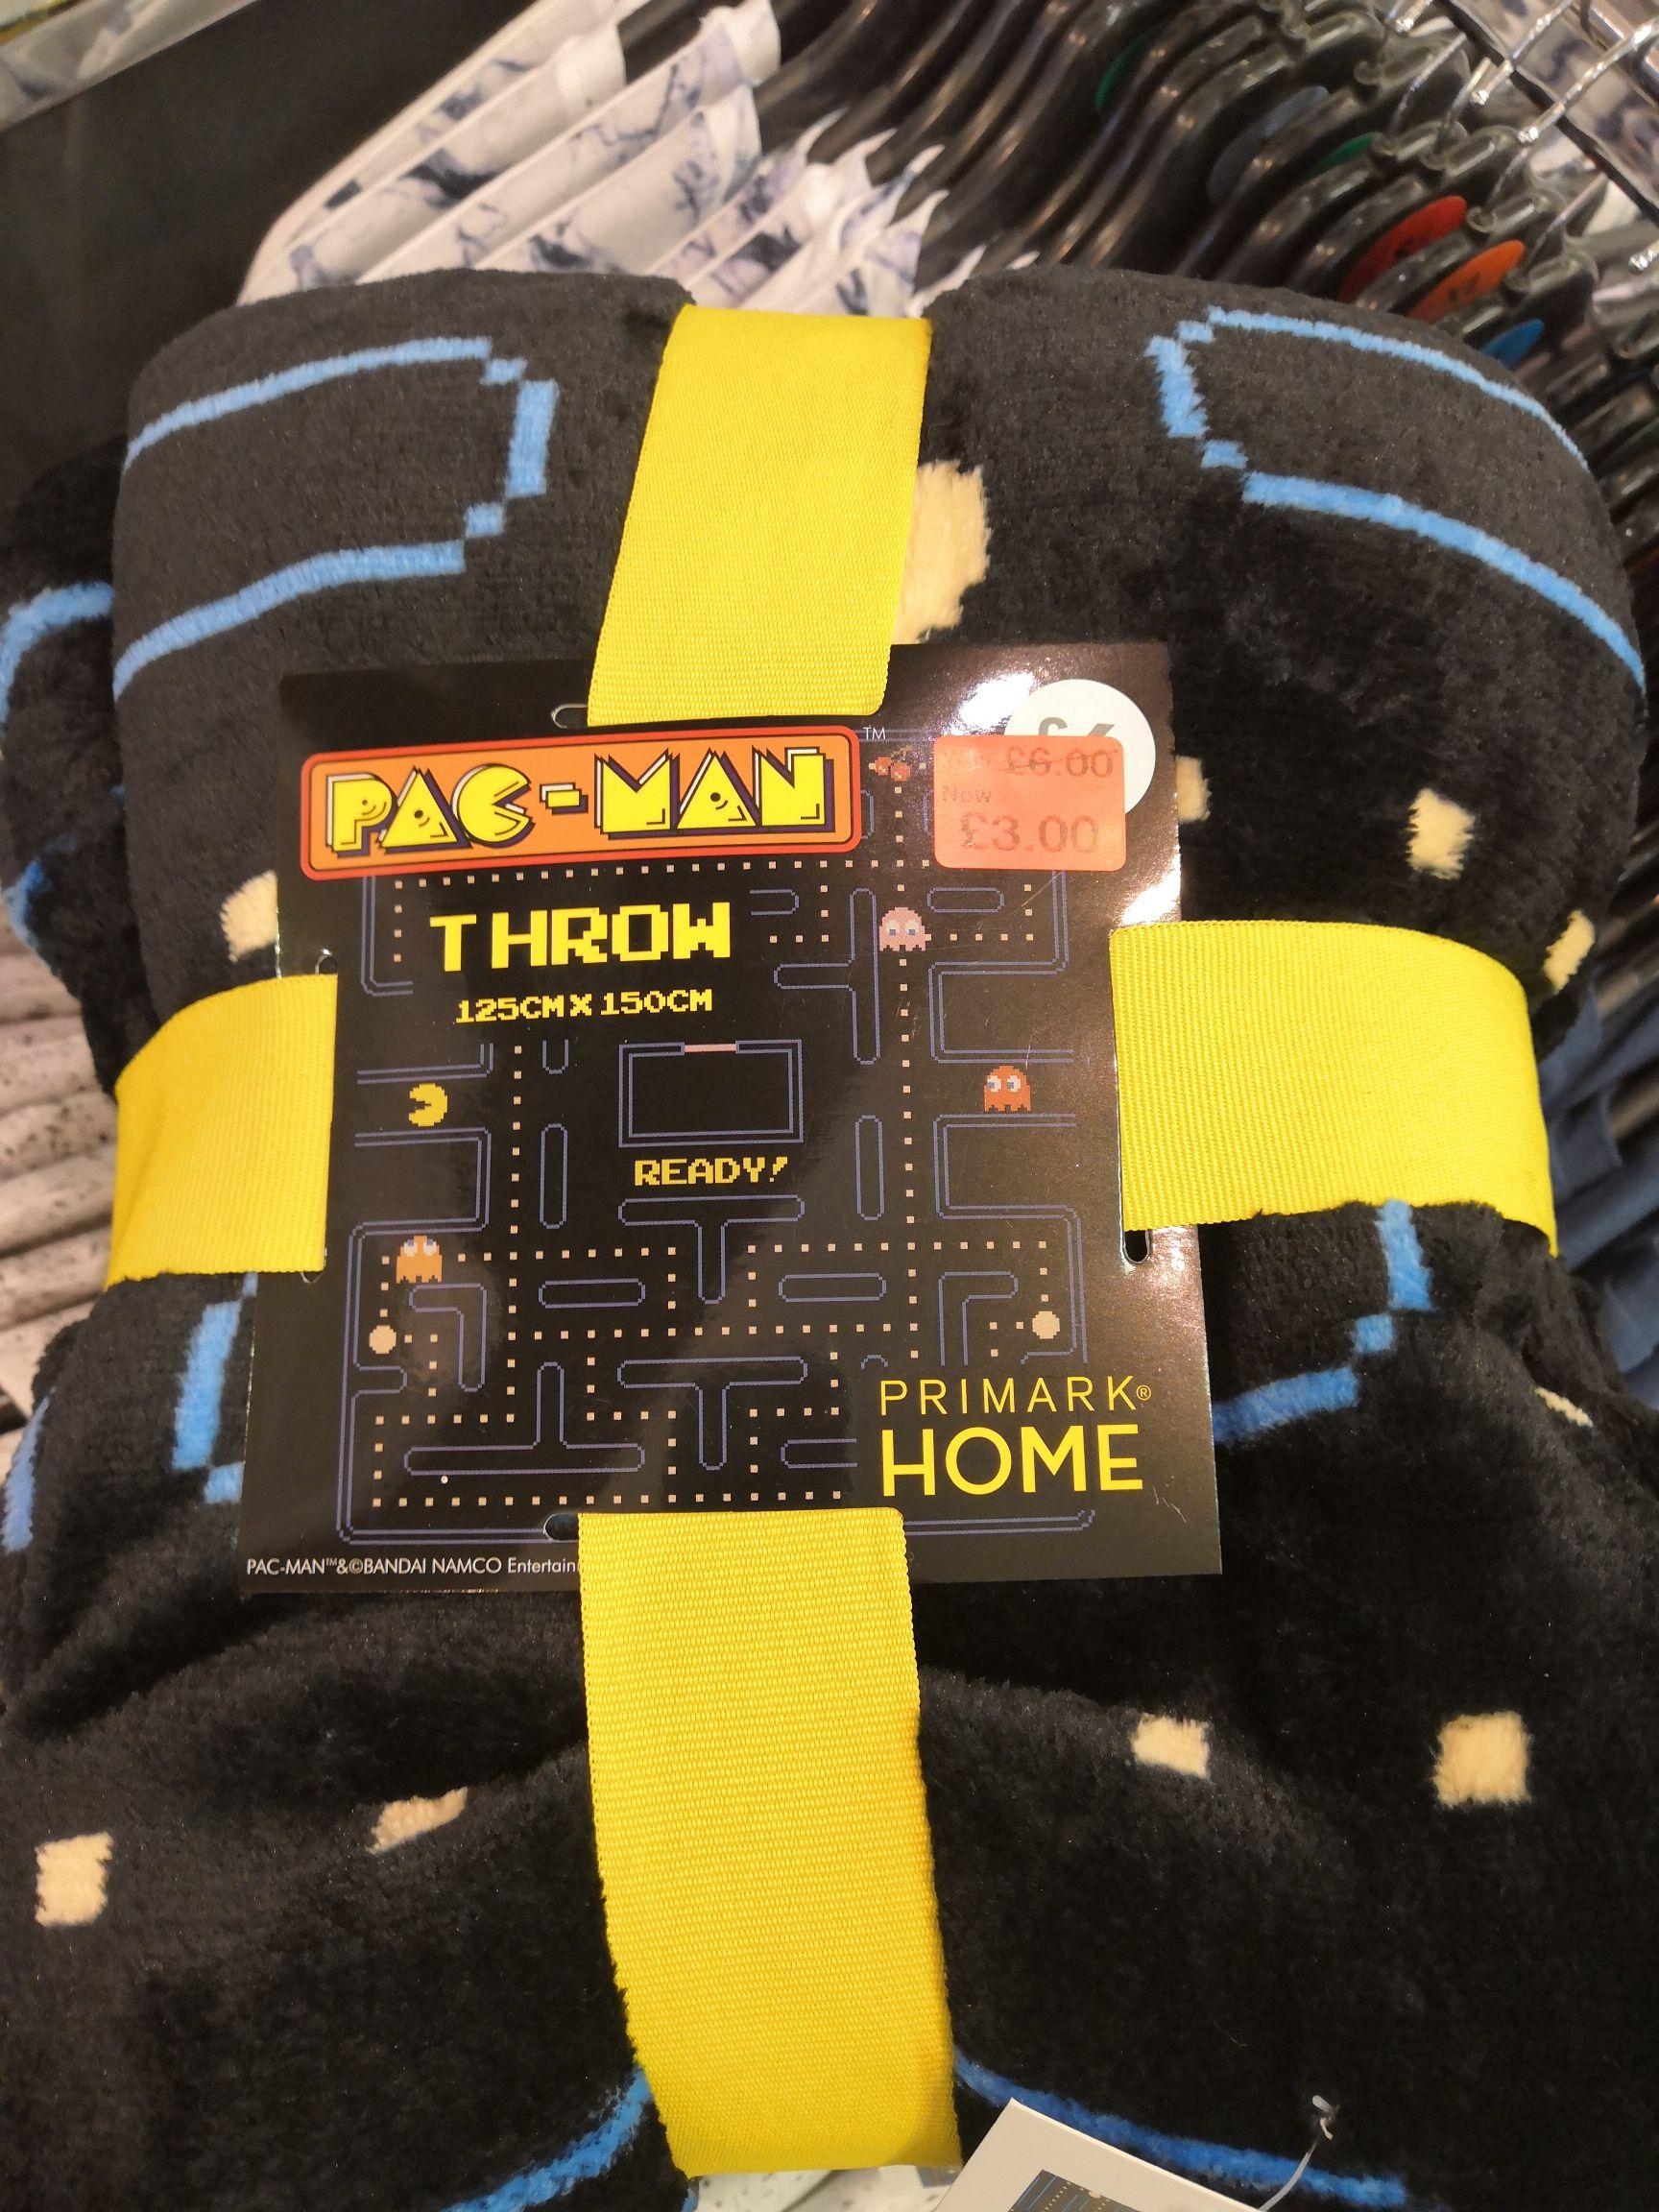 Pacman fleece blanket £3 primark